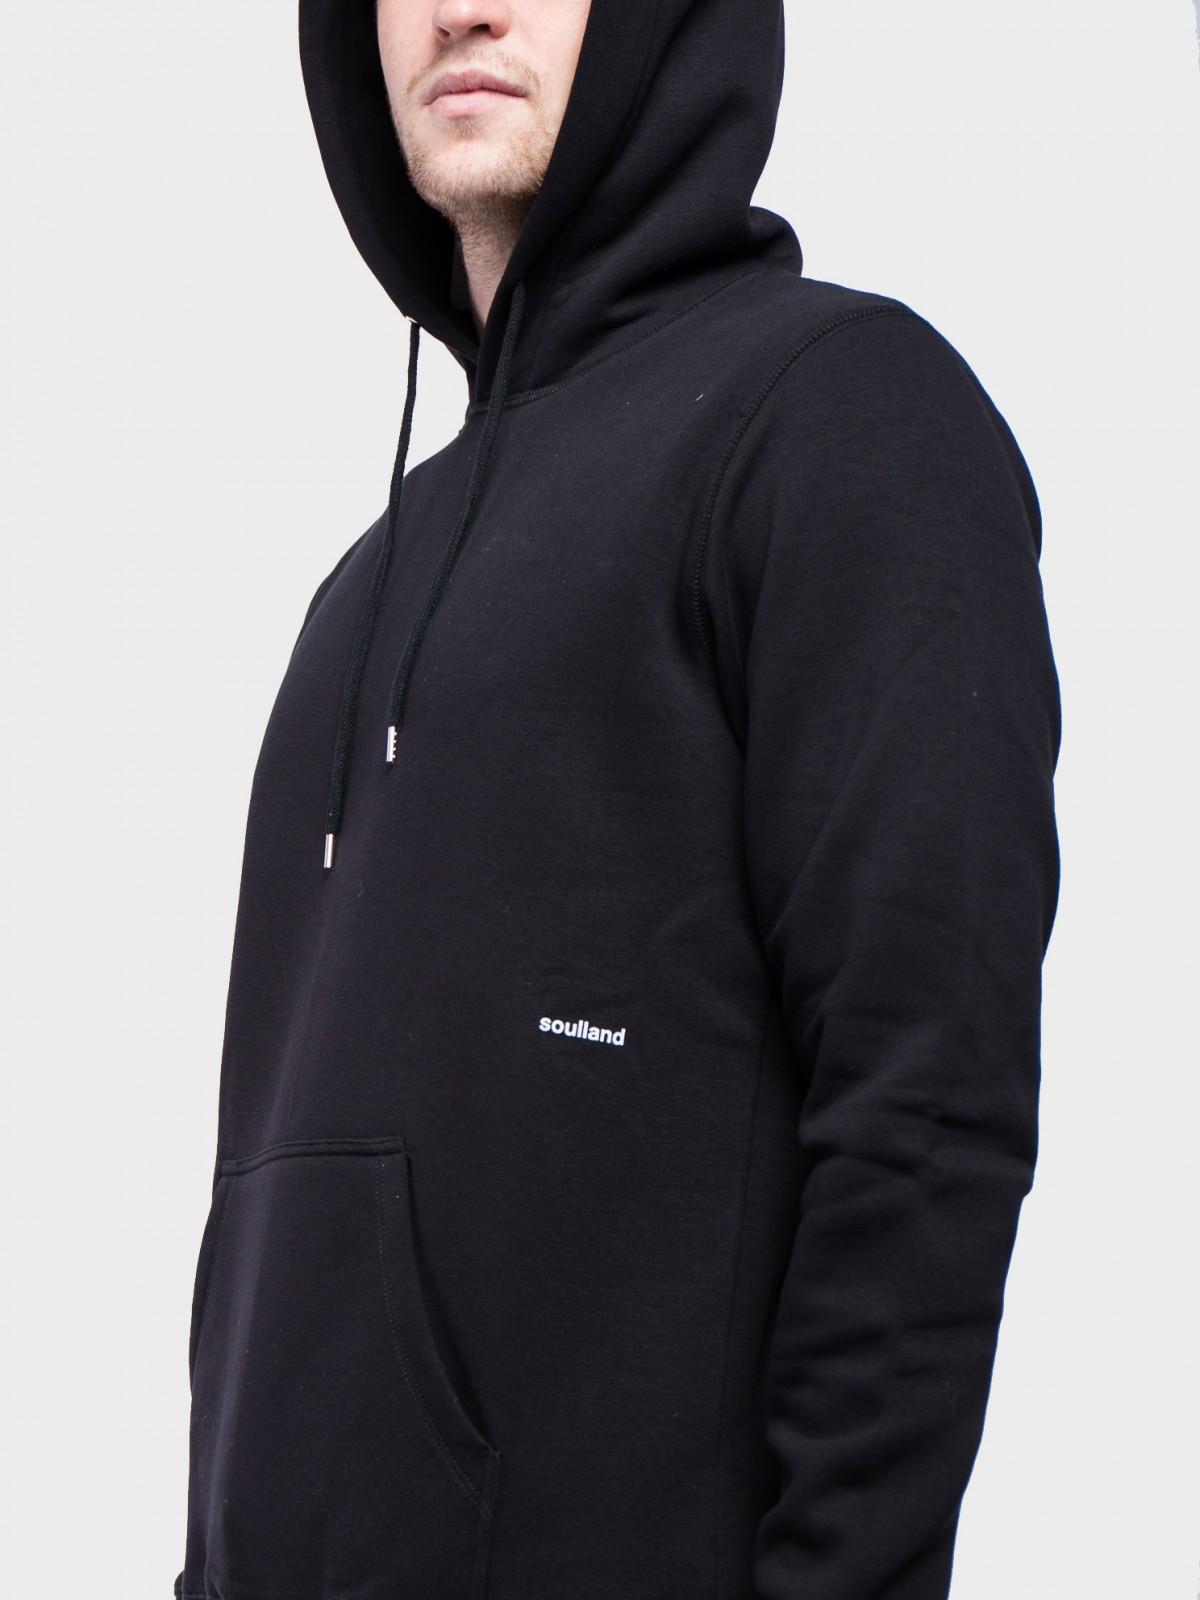 Soulland Wallance Hoodie in Black